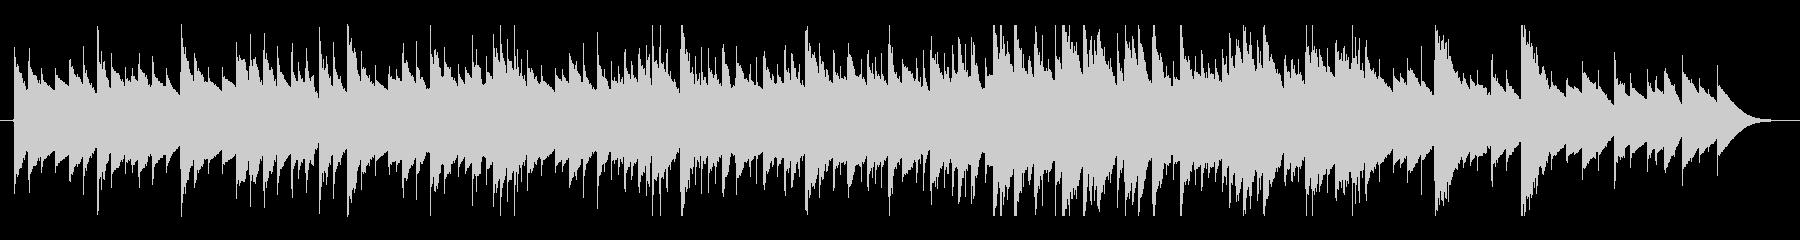 優しいオルゴールの音色のBGMの未再生の波形